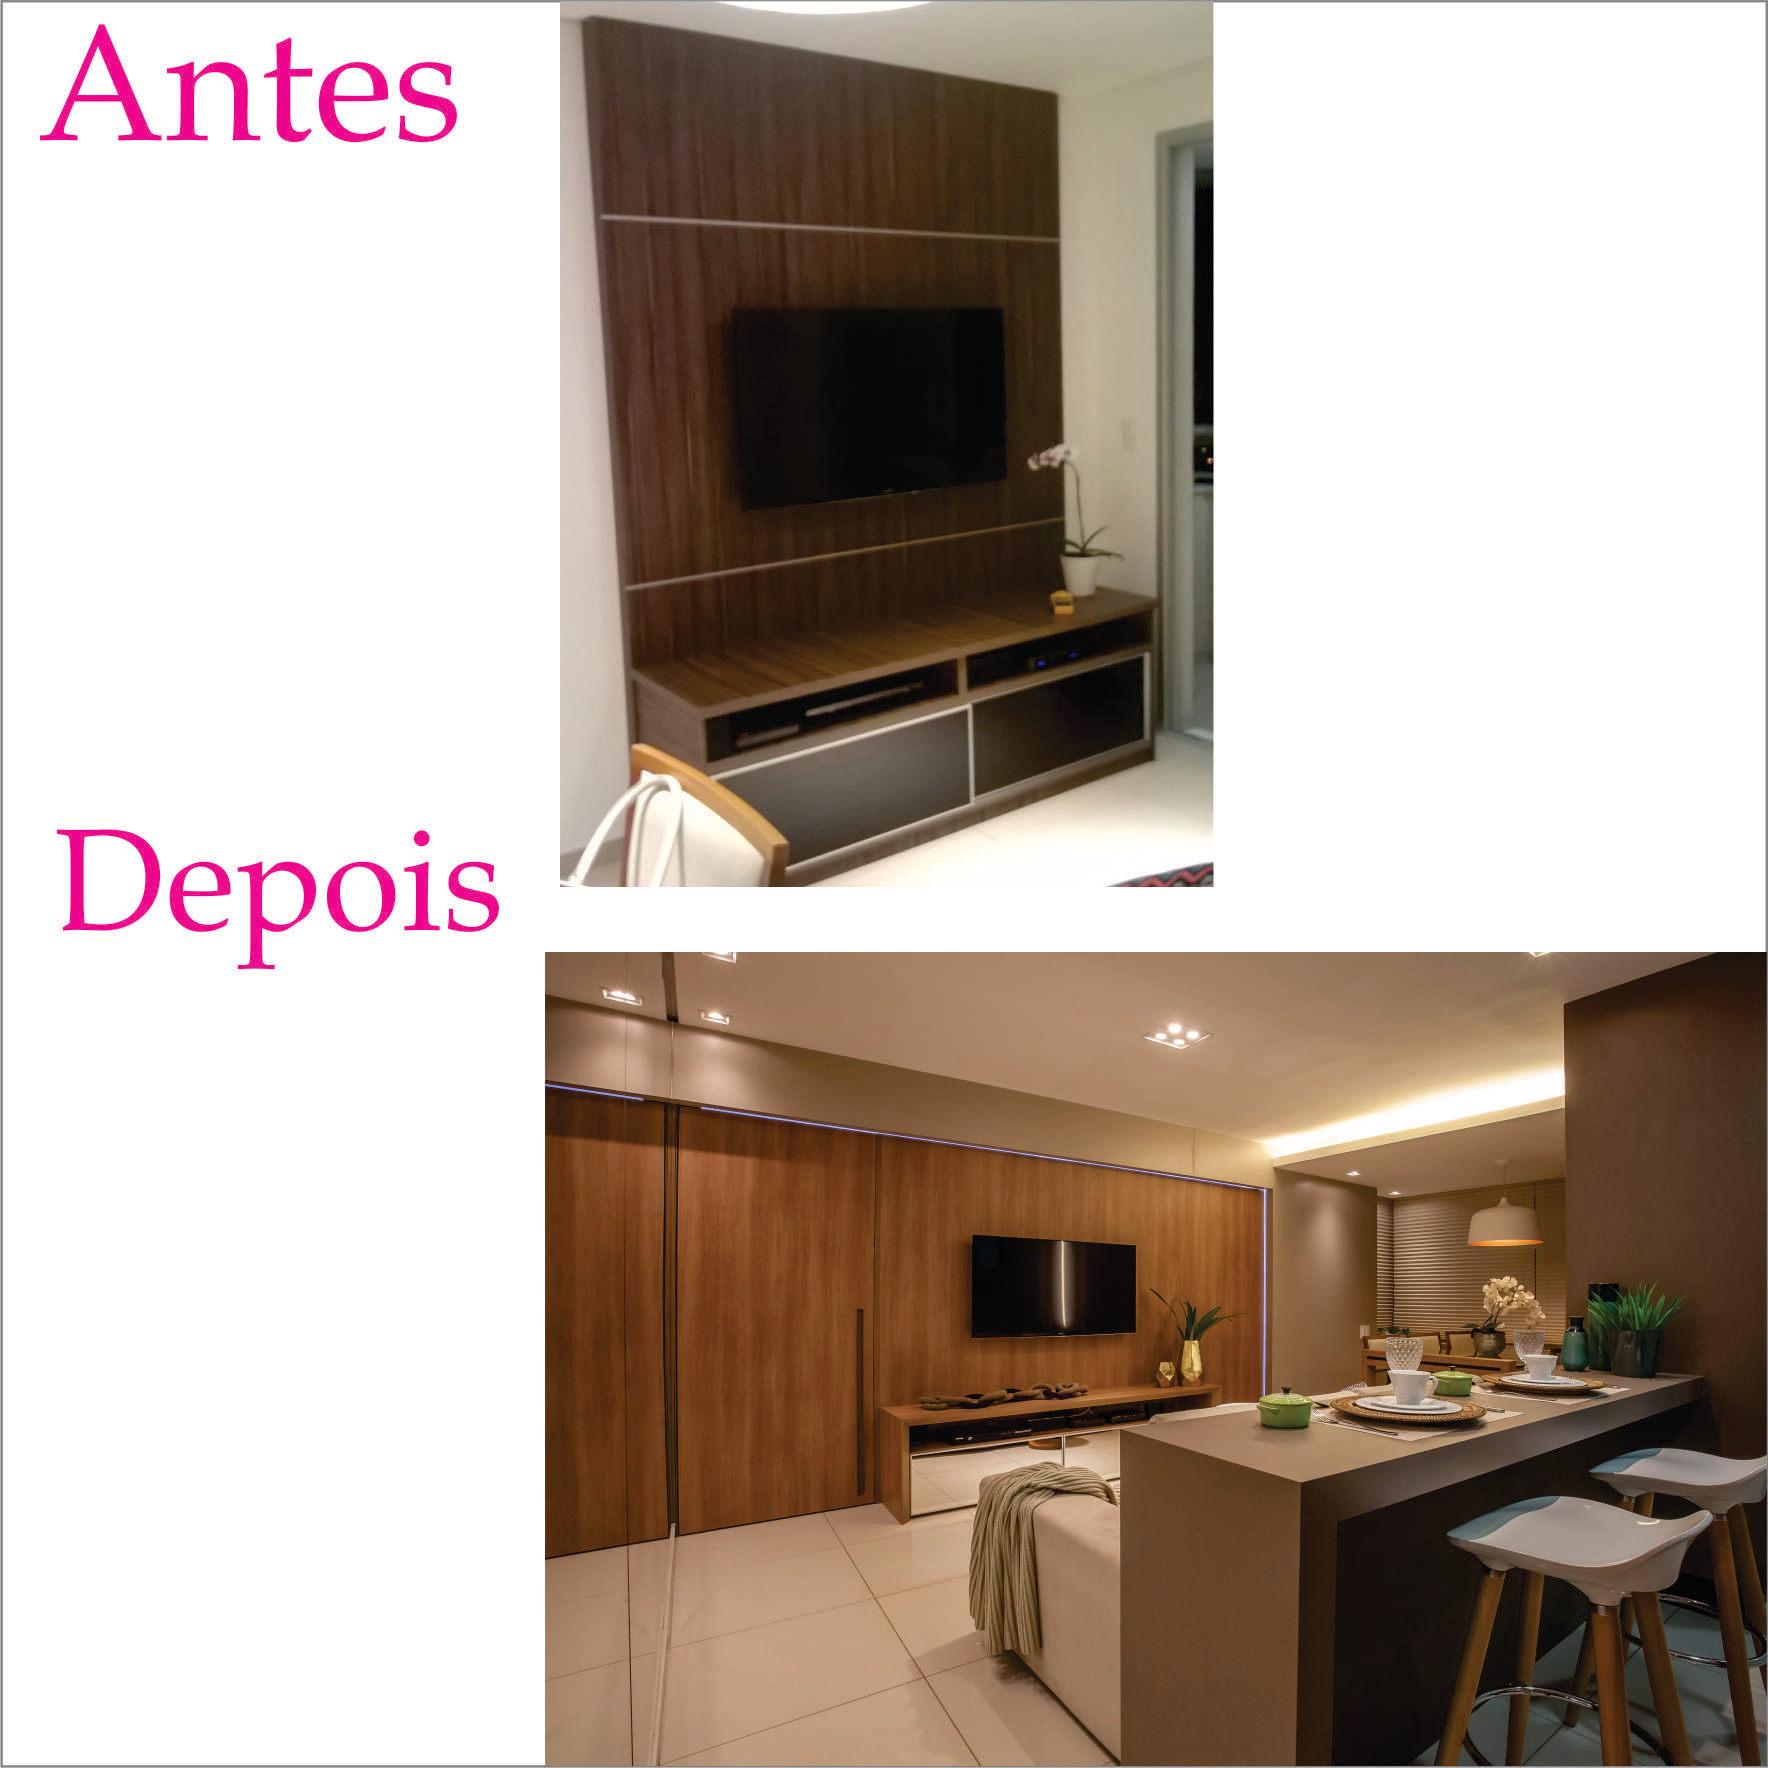 ANTES E DEPOIS 16.jpg